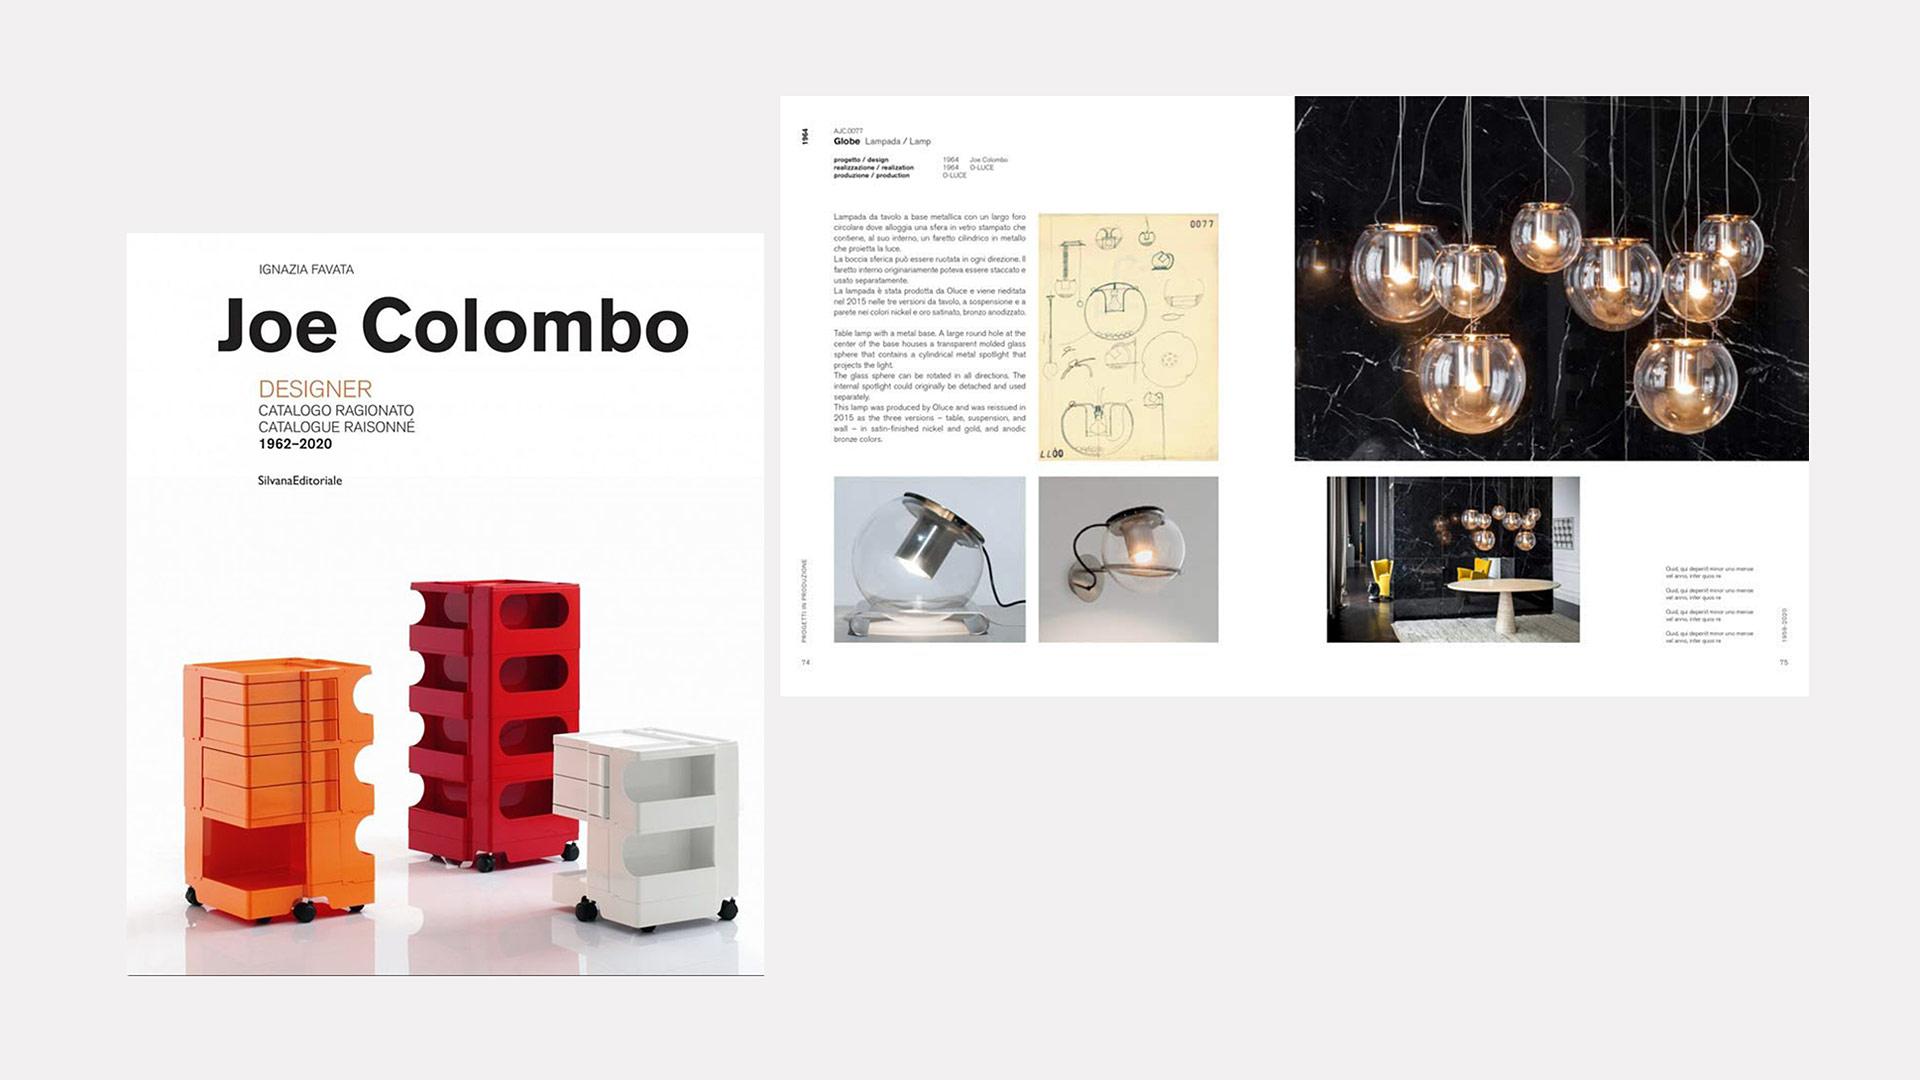 Oluce e Joe Colombo raccontati nel nuovo libro-catalogo di Ignazia Favata